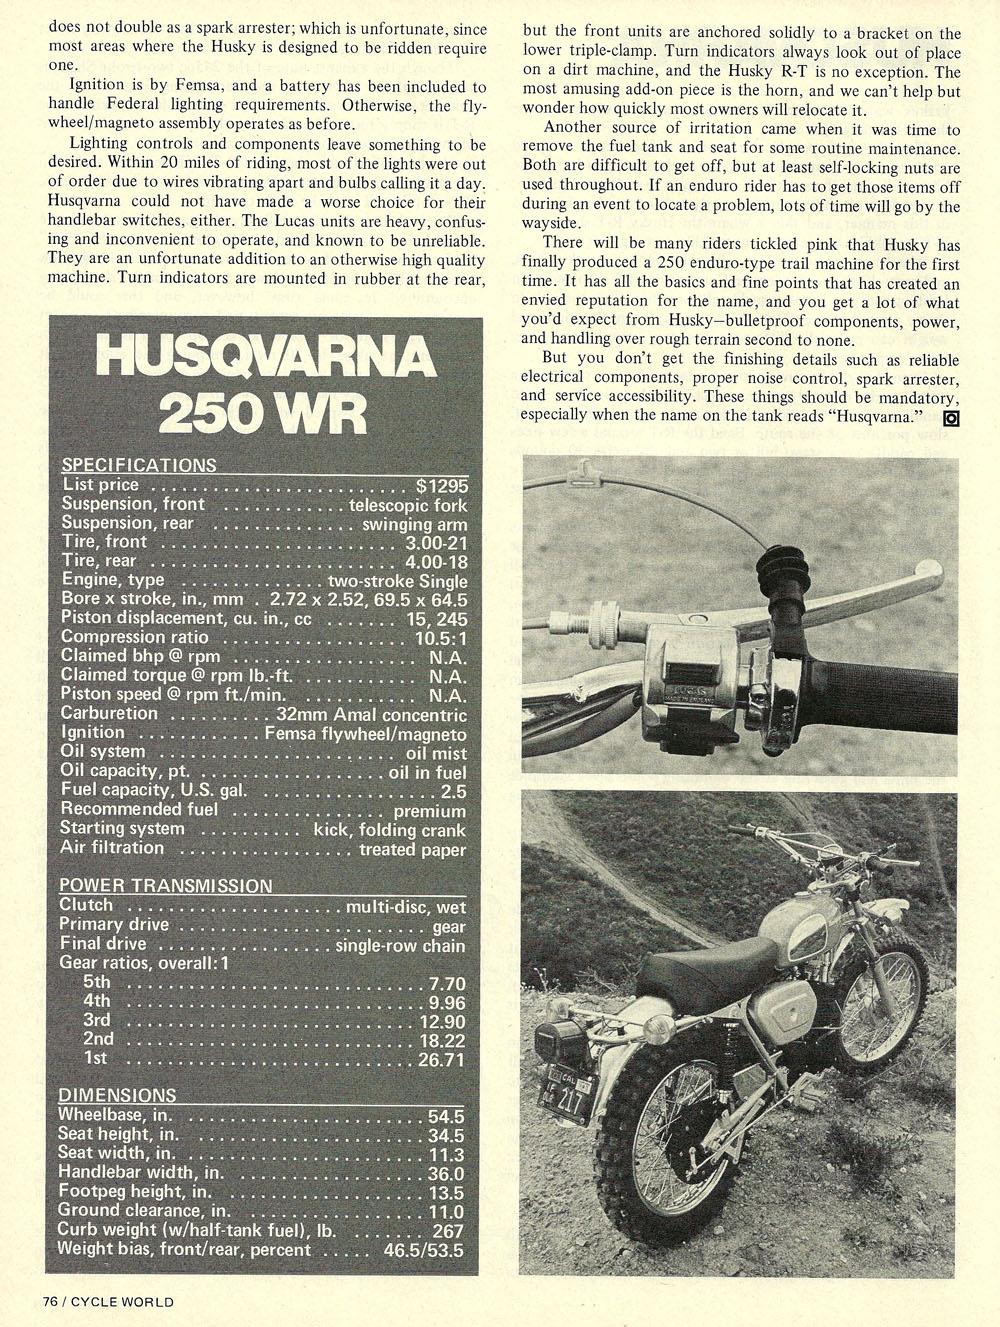 1973 Husqvarna 250 wr road test 05.jpg